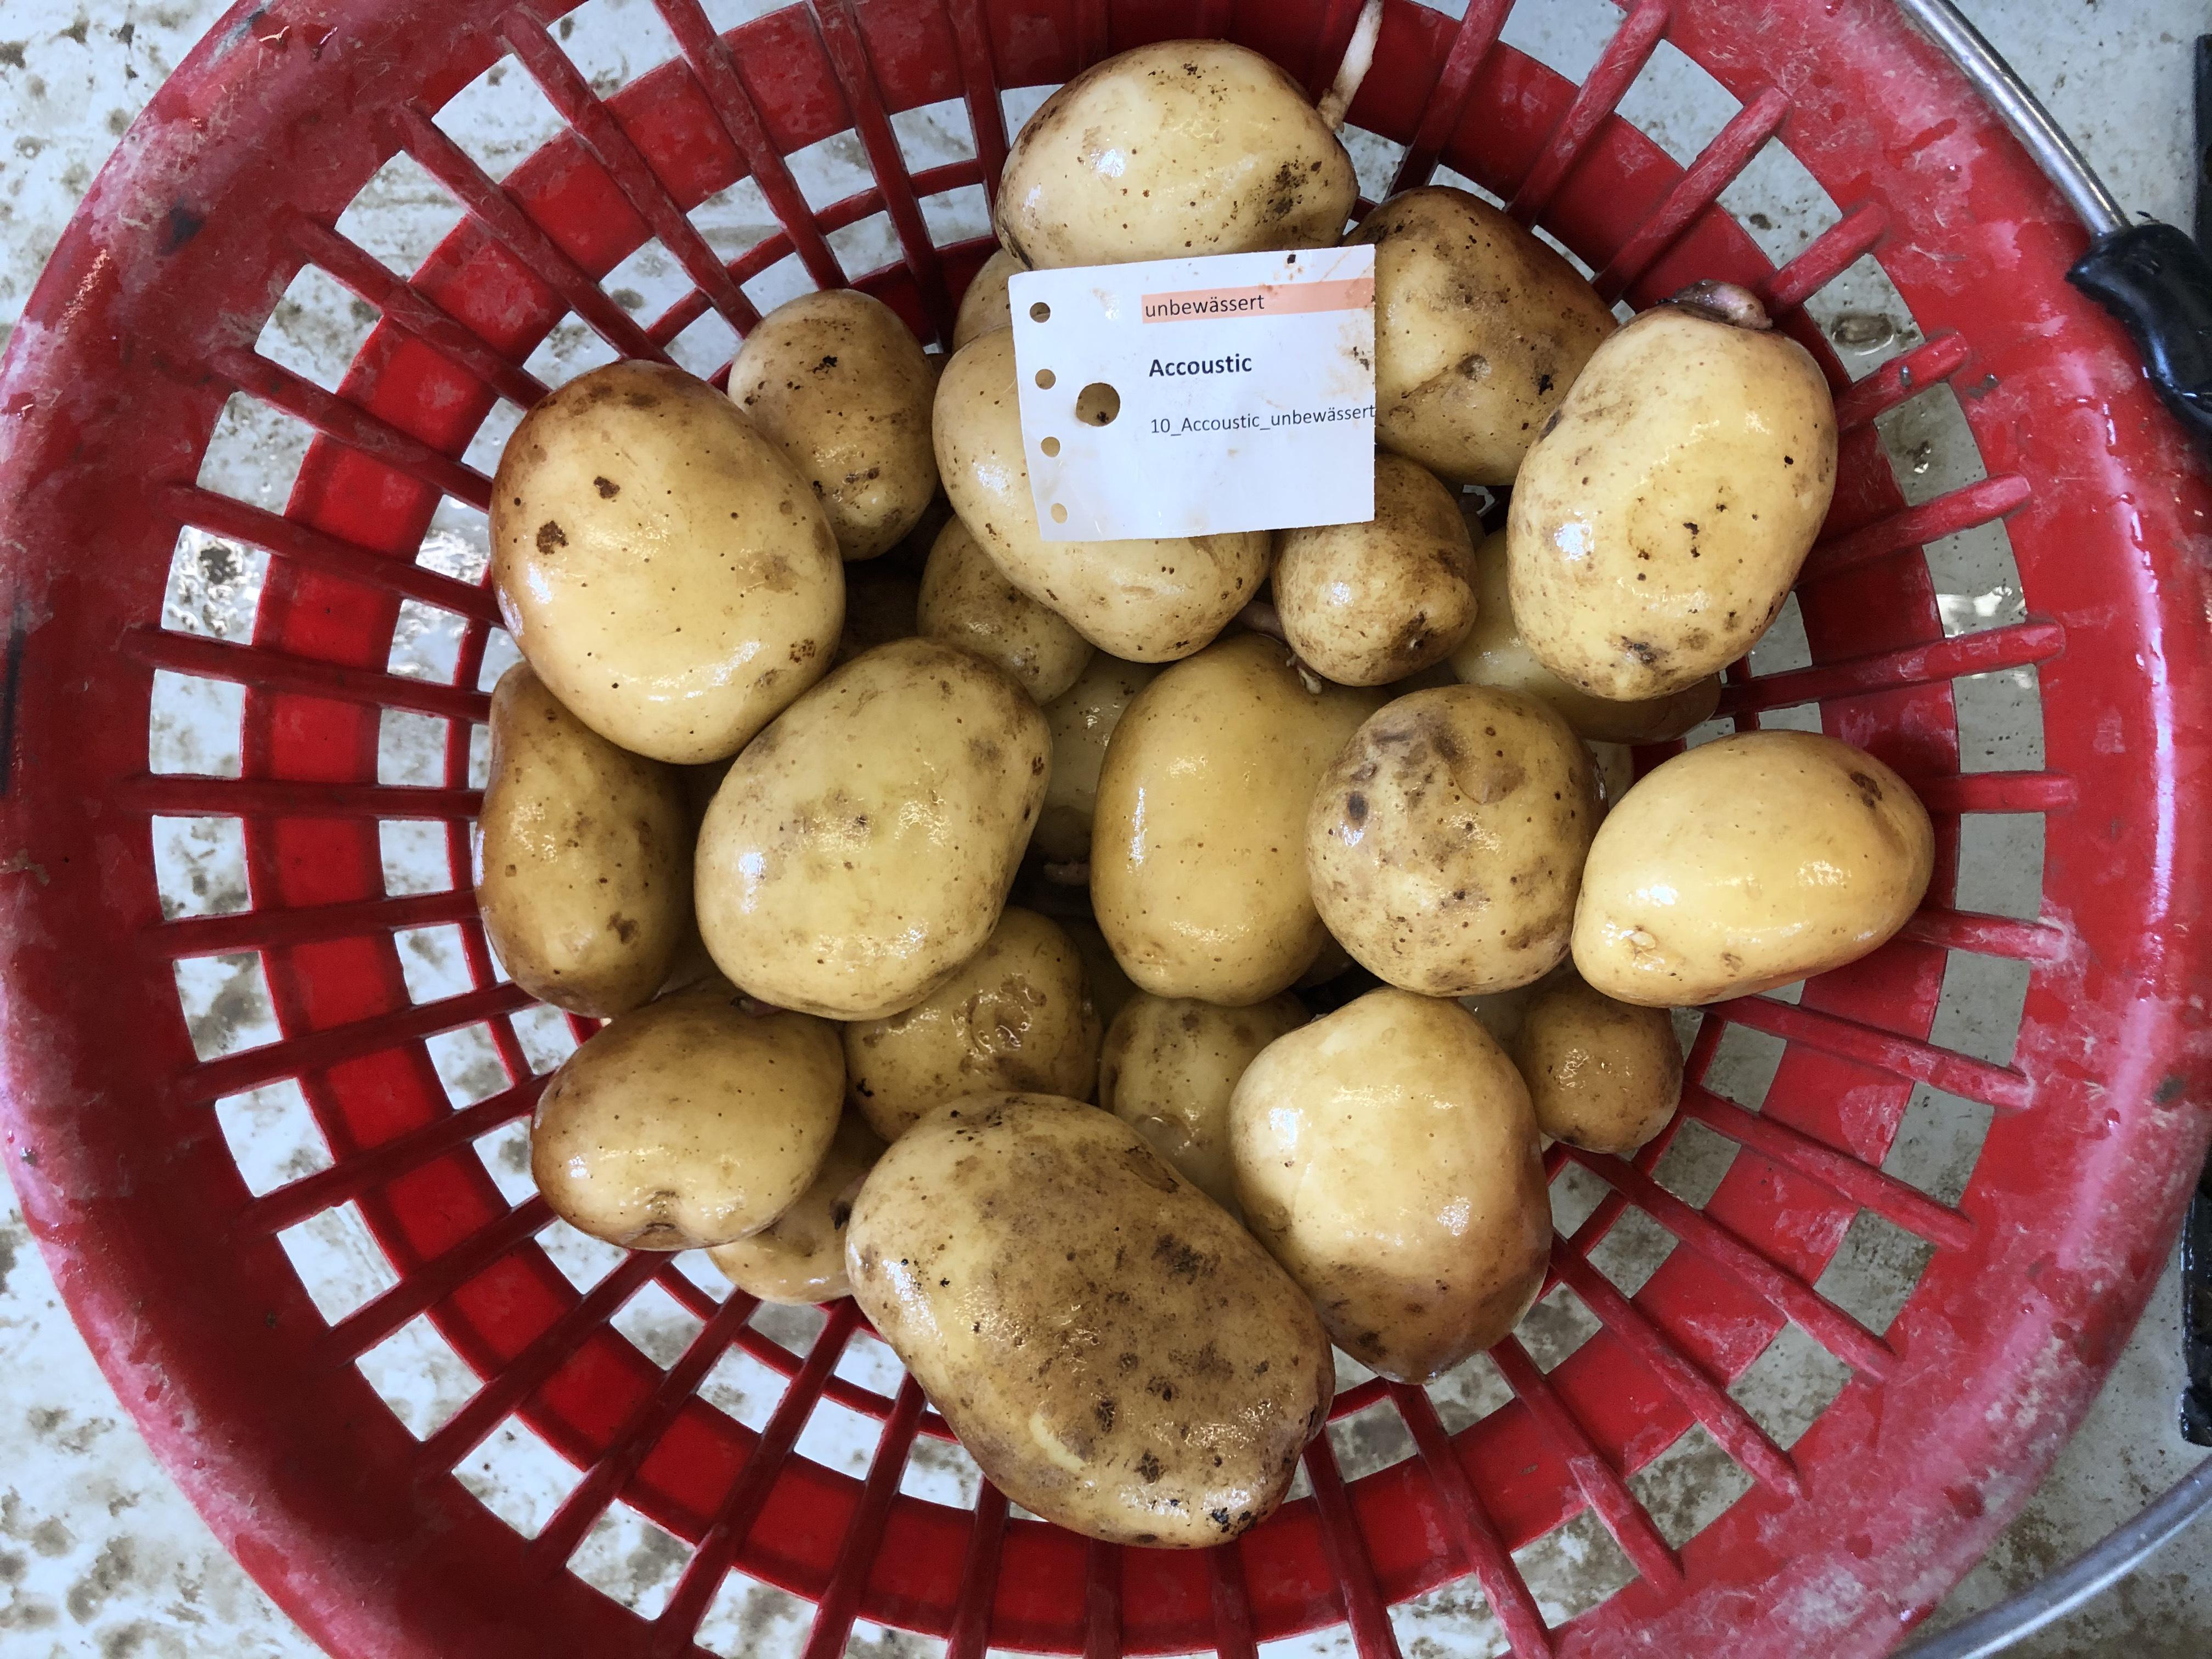 Waschprobe Sorte Accoustic, Kartoffel Sortenversuch 2020, Humlikon